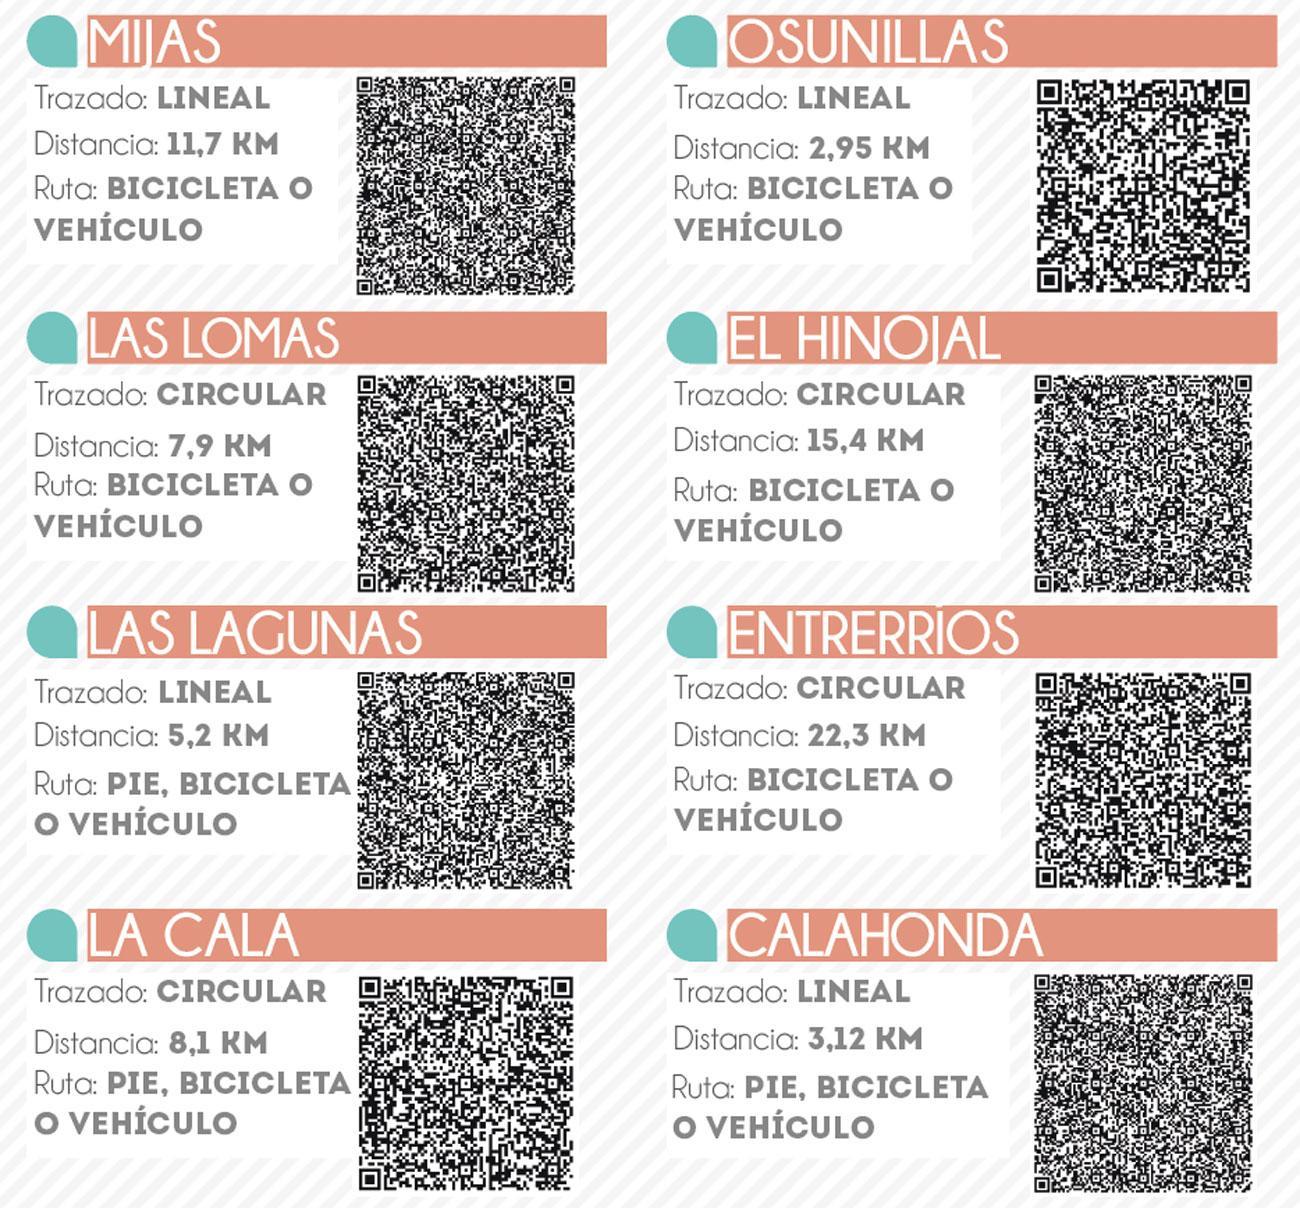 Conoce todas las rutas en el código QR o en la página web www.mijas.es.